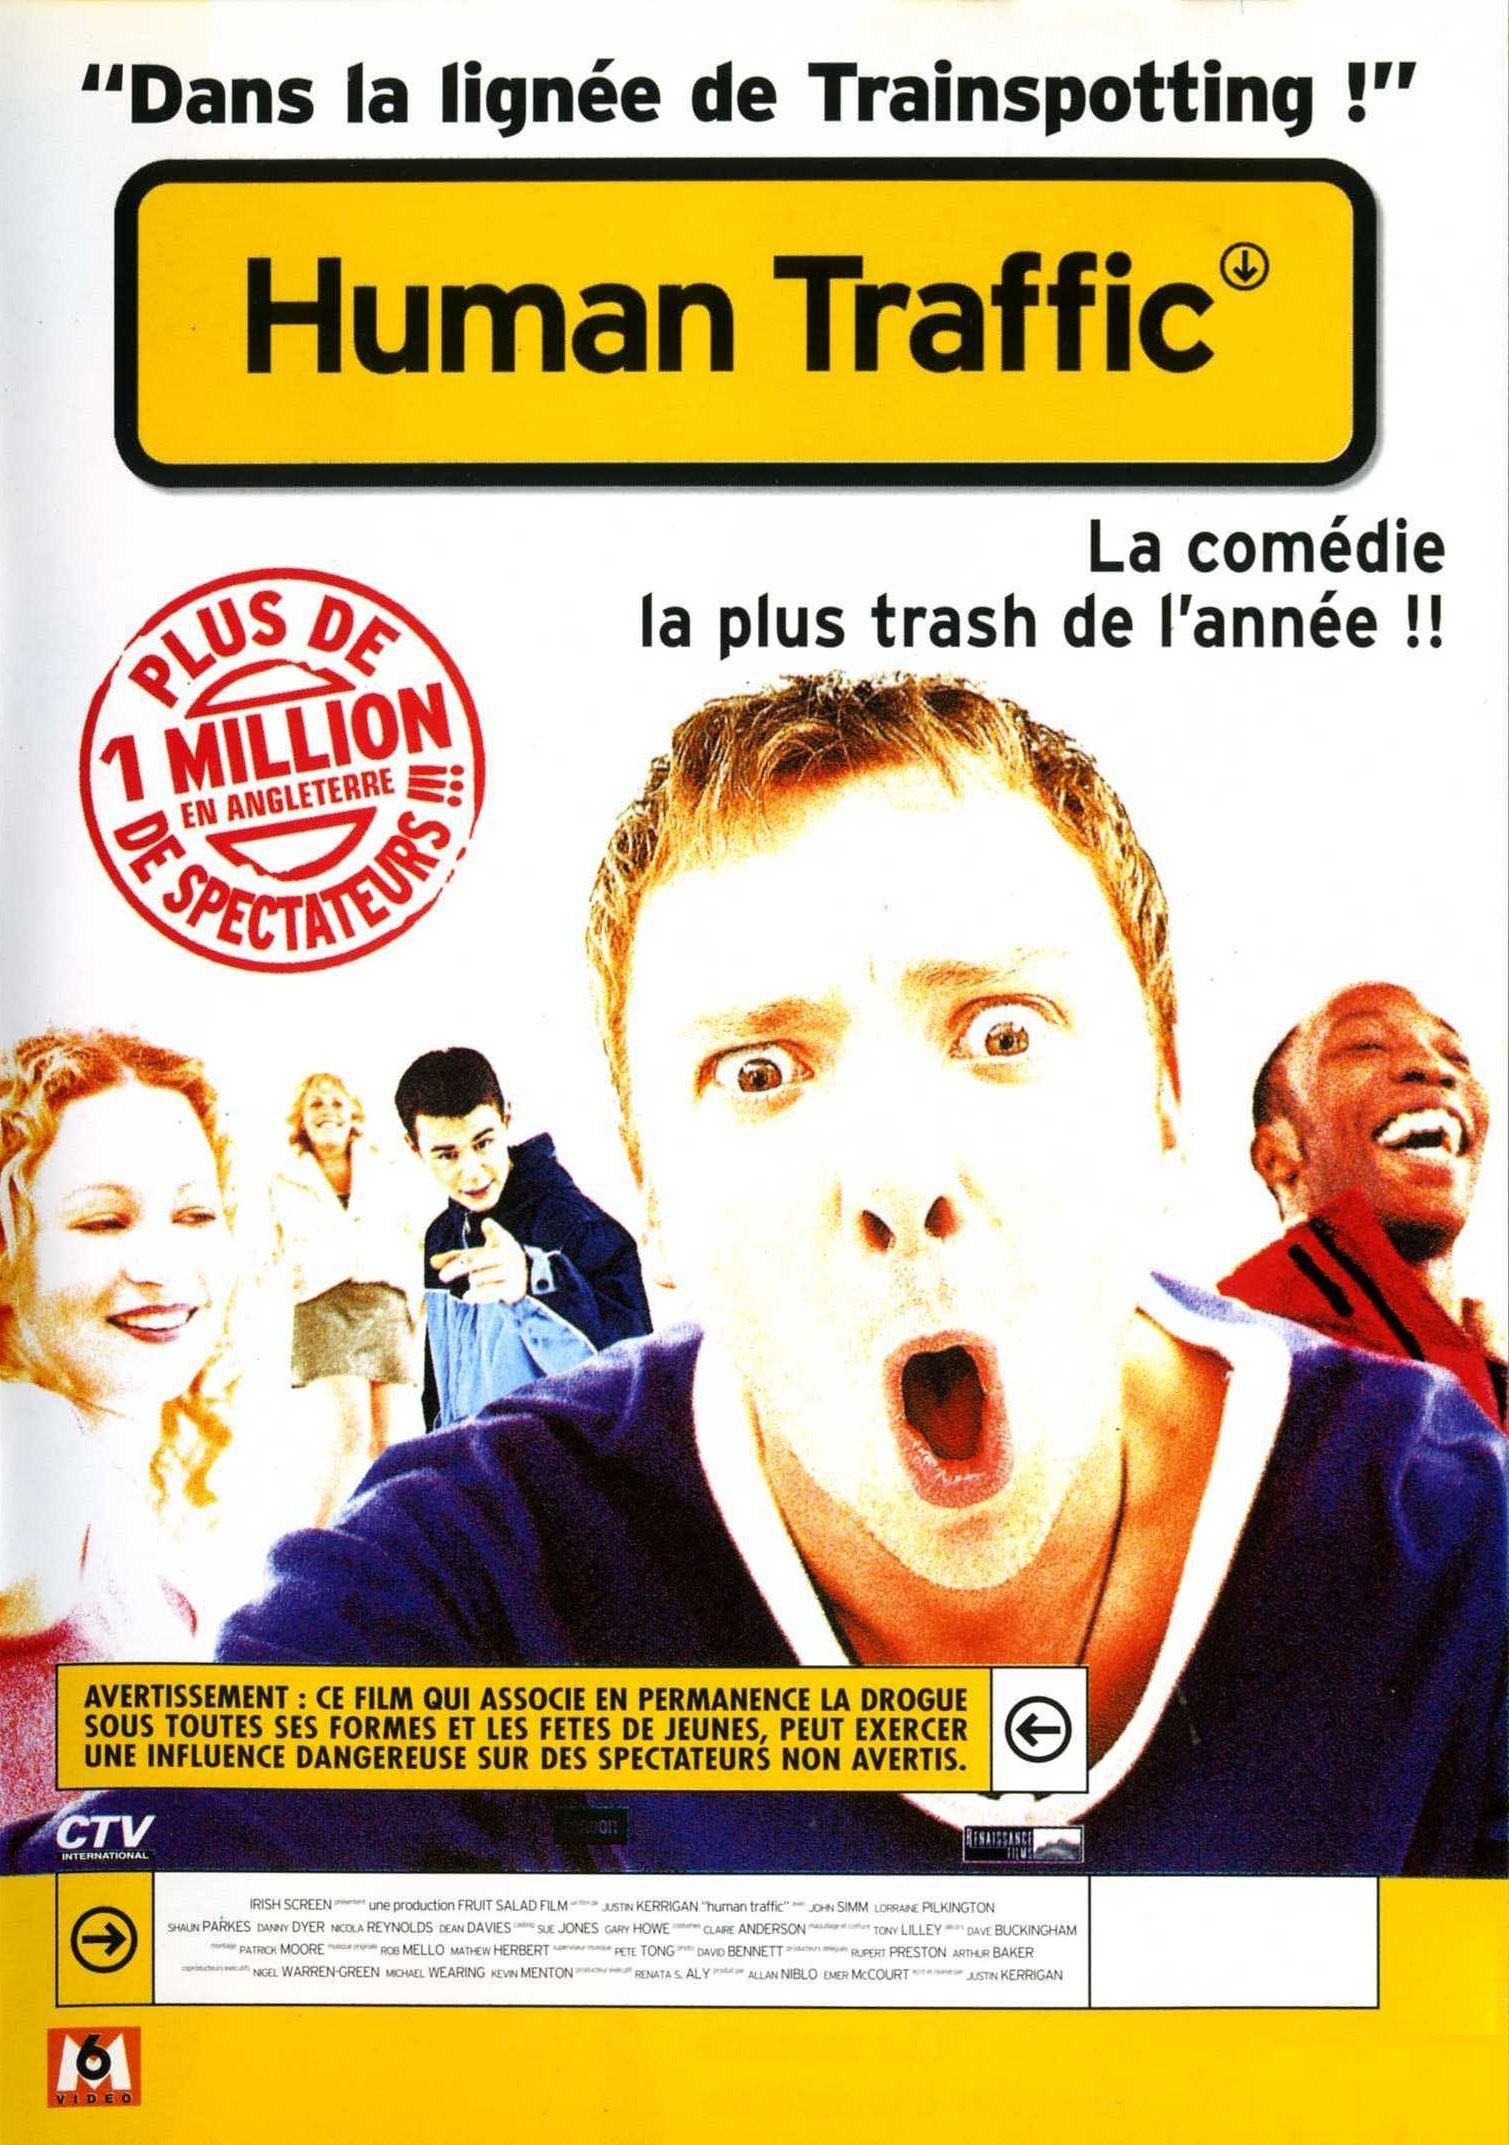 Human Traffic Human Traffic Movies Human